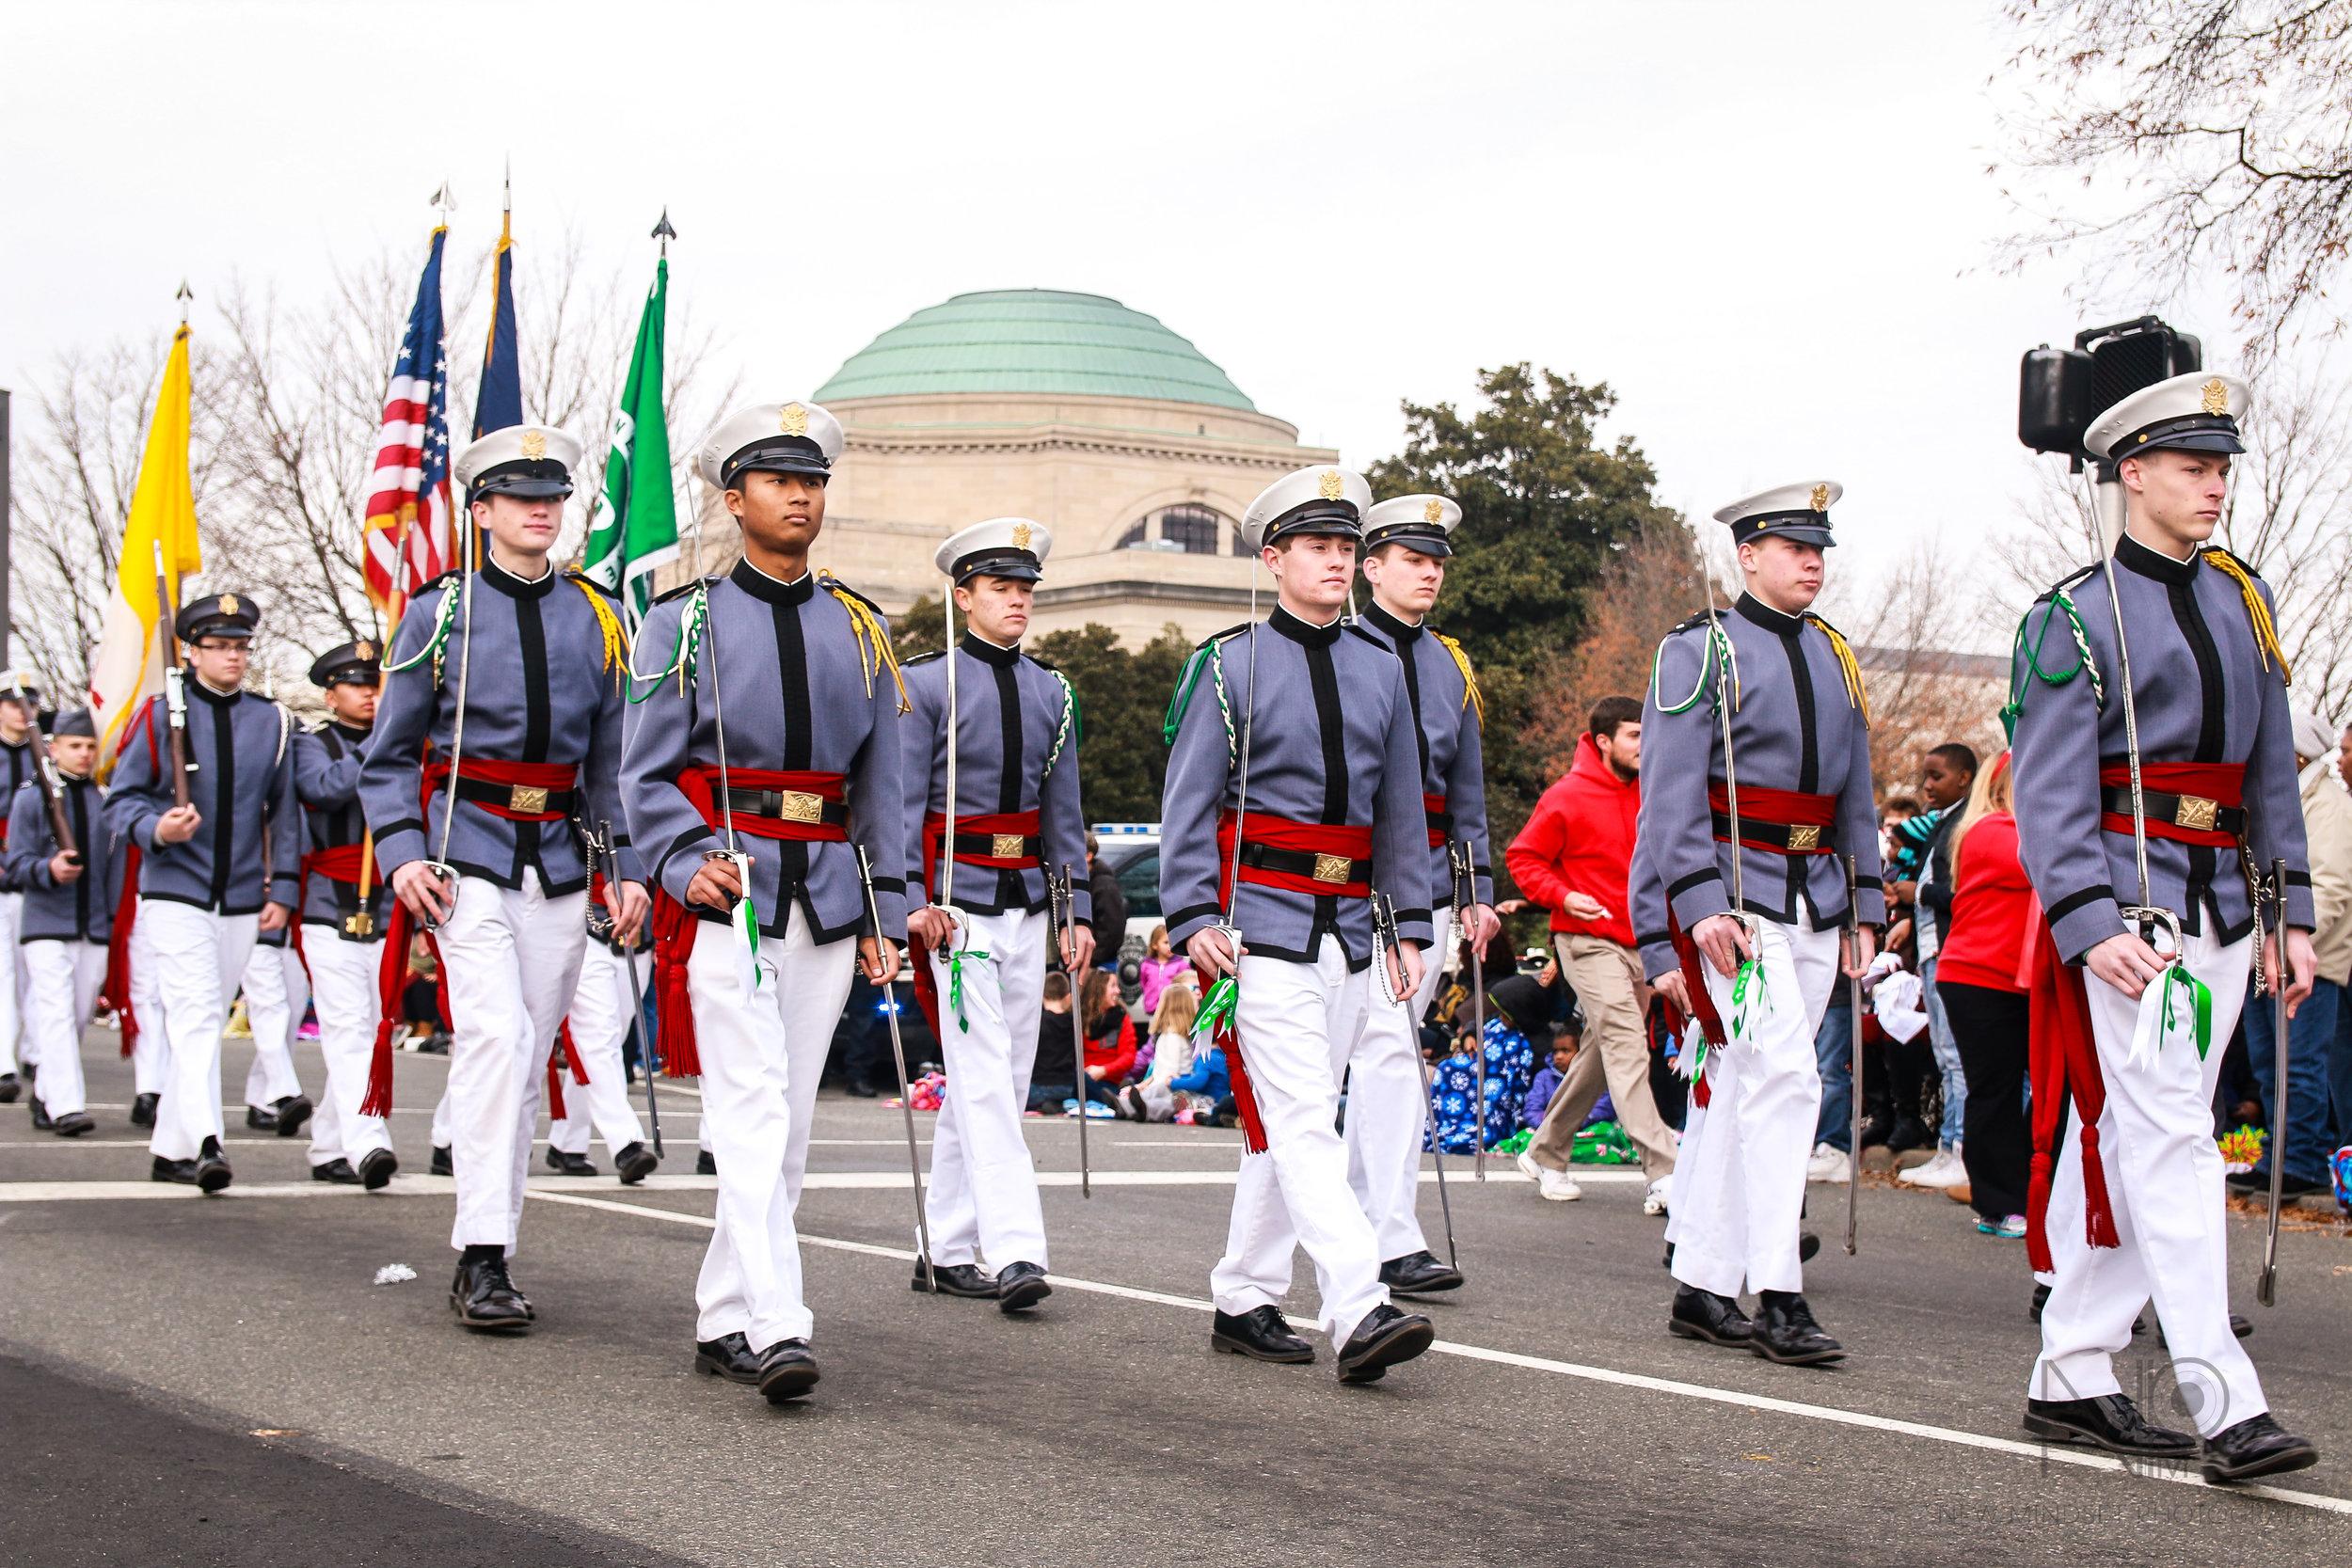 christparade17-67.jpg